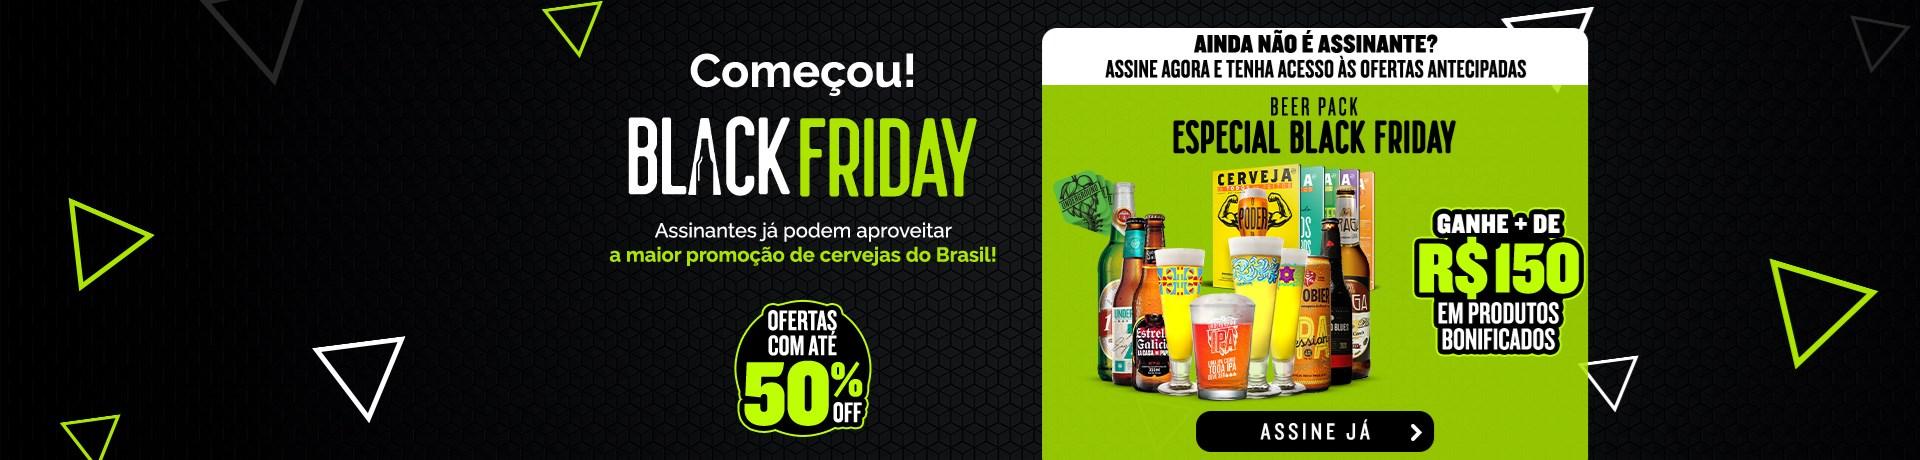 Black Friday - Home Desktop